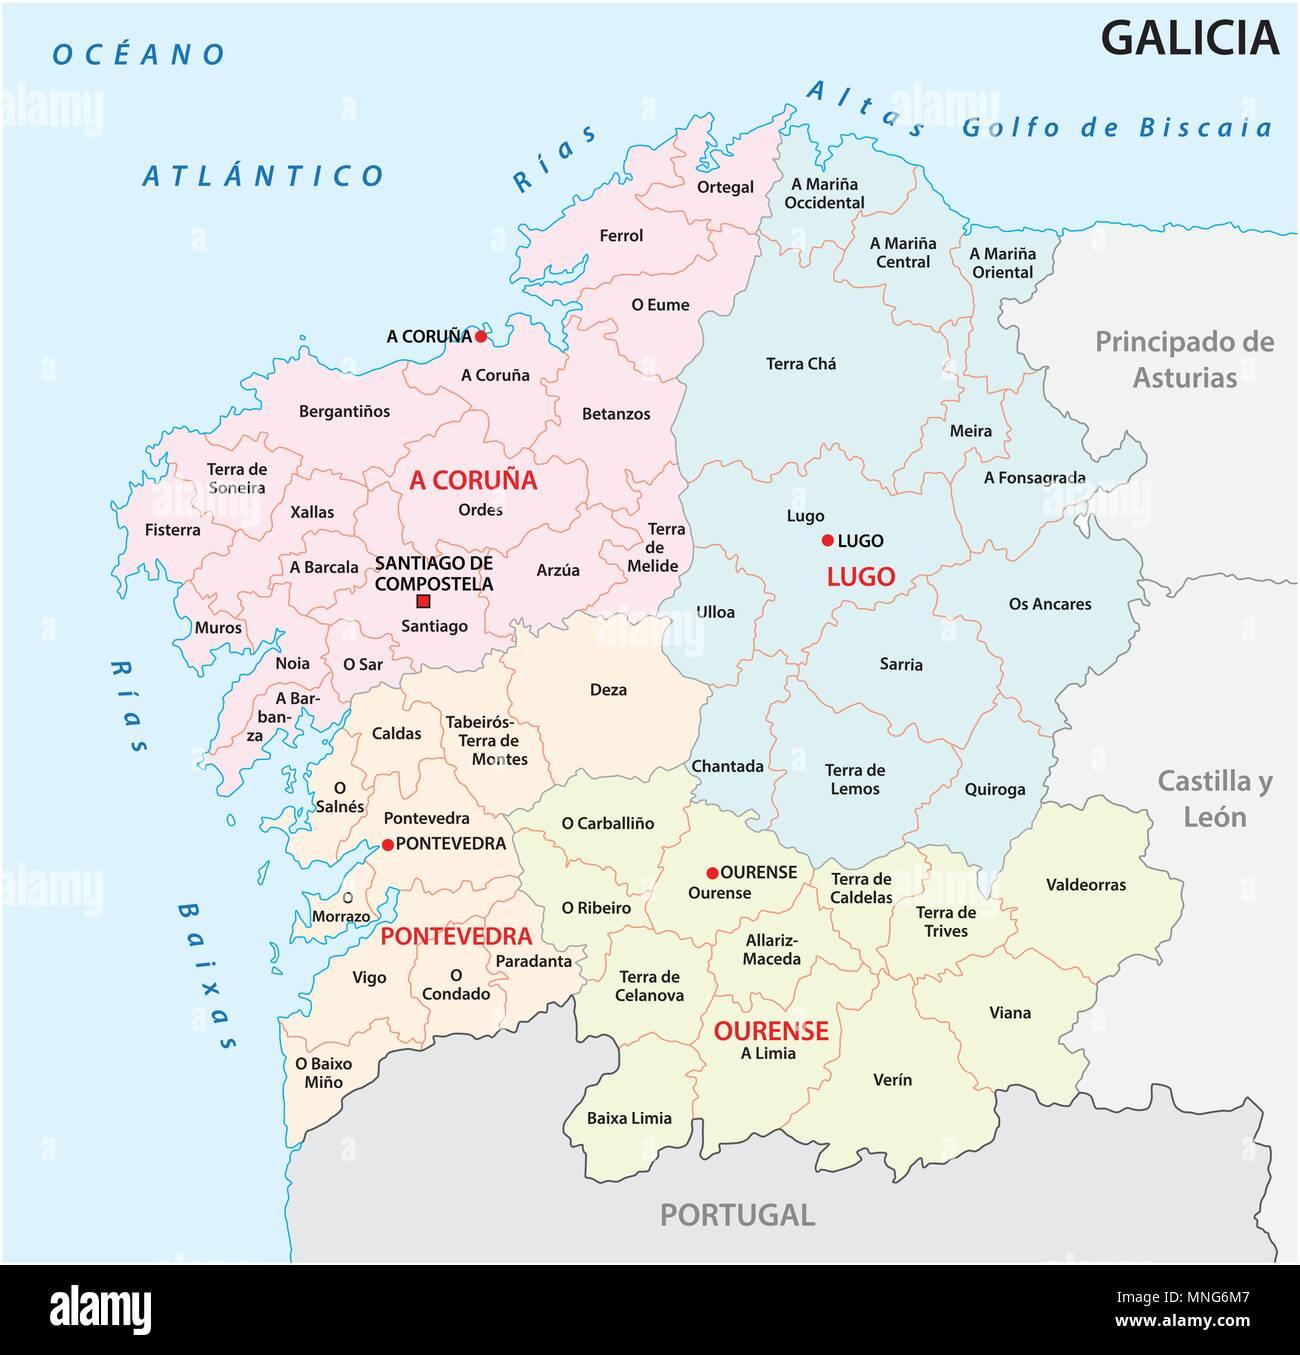 Galizia Cartina.La Galizia Politica E Amministrativa Di Mappa Vettoriale Spagna Immagine E Vettoriale Alamy